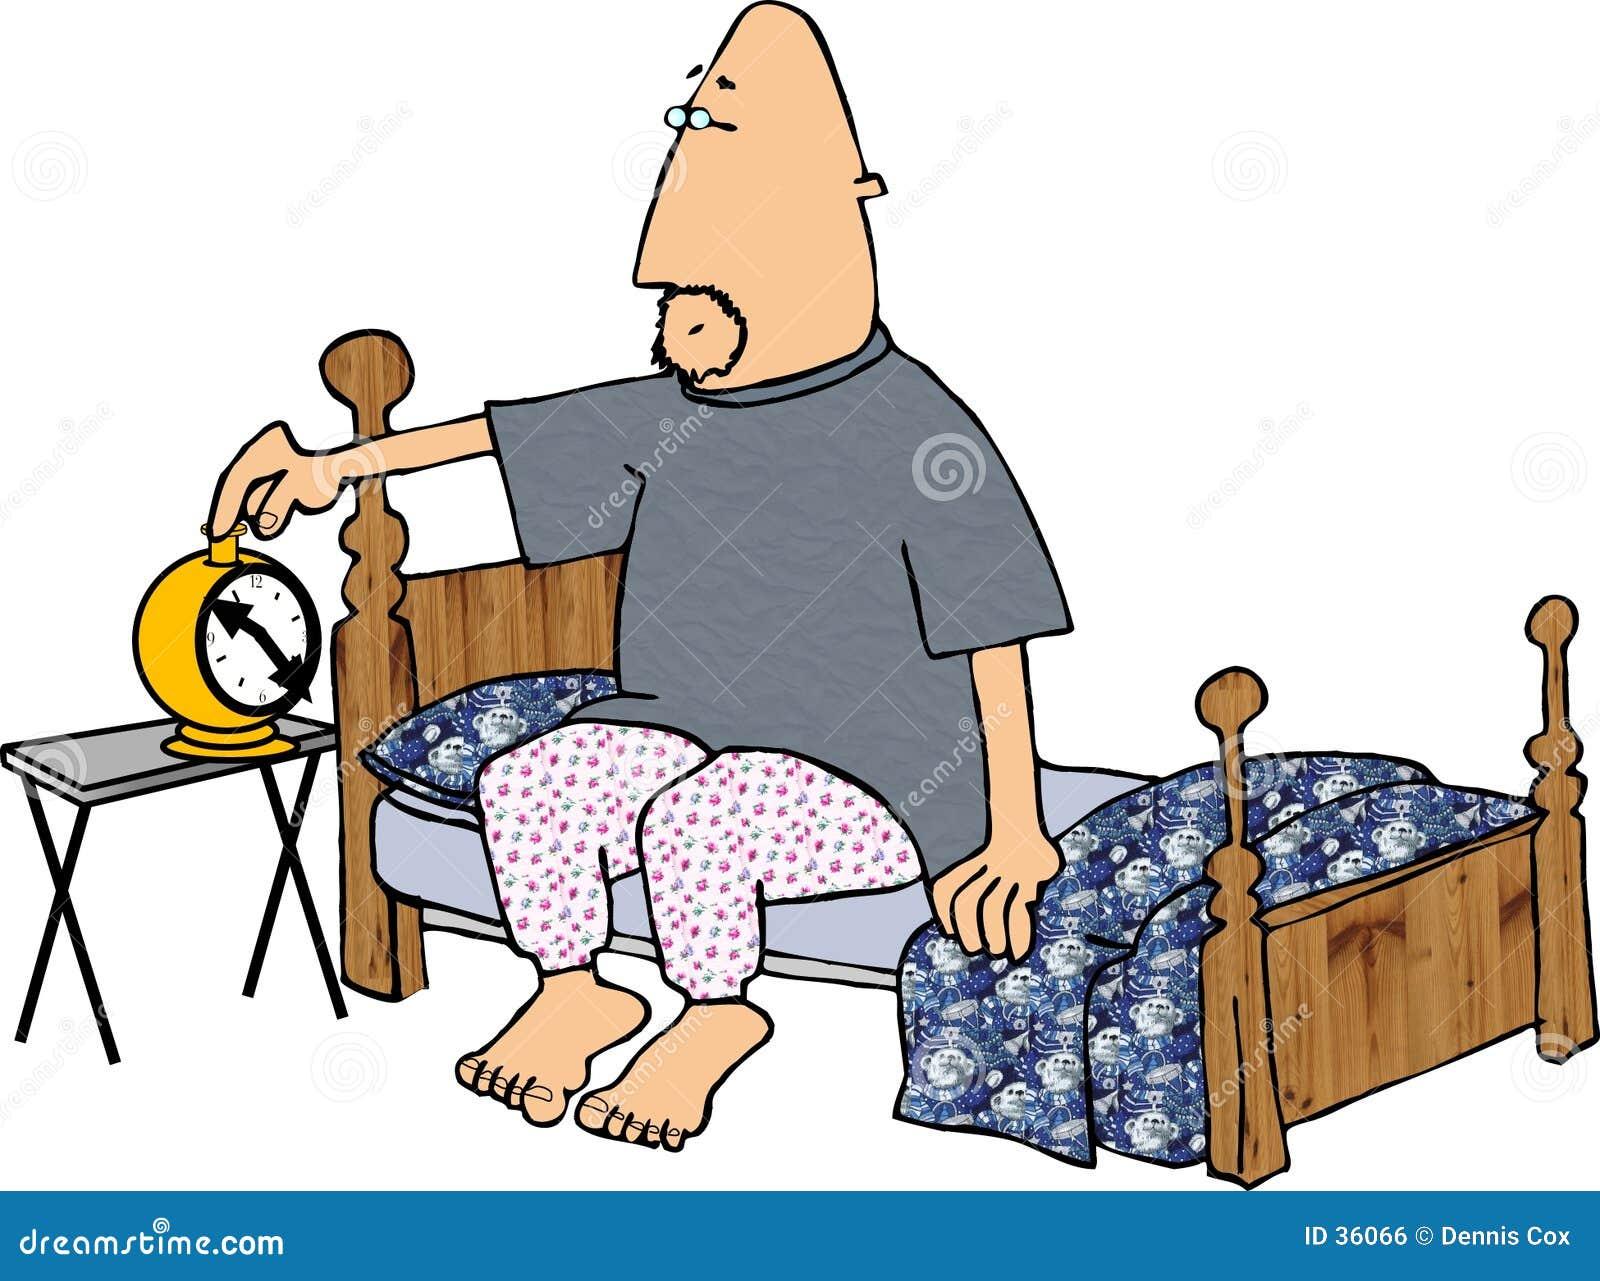 Download Fijar el reloj de alarma stock de ilustración. Ilustración de hoja - 36066